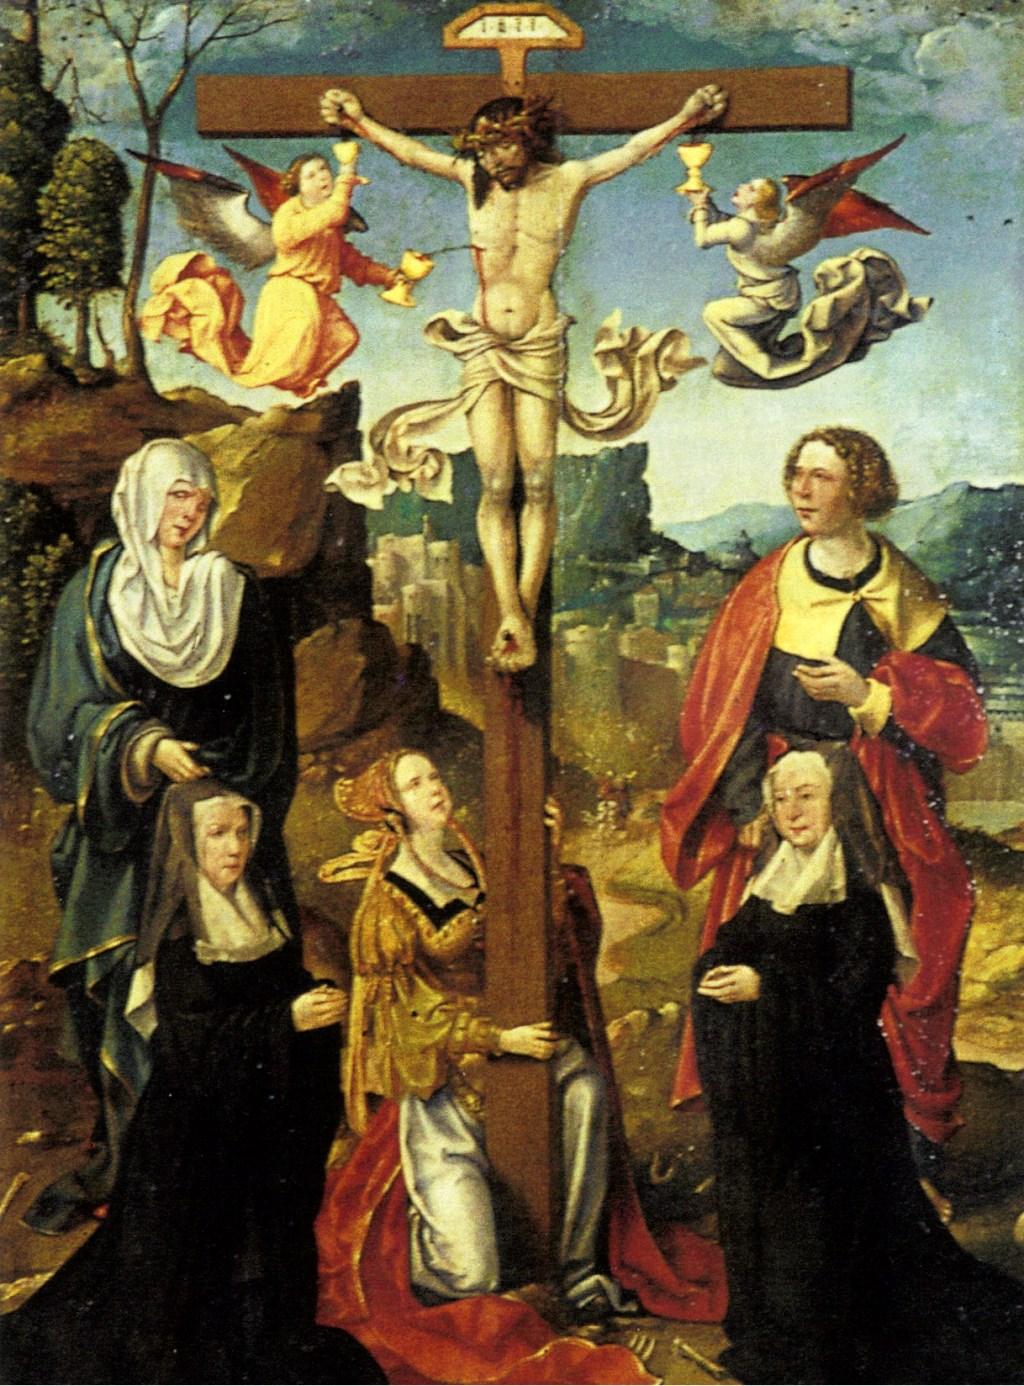 We beschikken over schilderijen van nonnen van het klooster in de zestiende eeuw: hier de nonnen Hadewijch van Hardenbroek en Agnes van Ghent op een anoniem schilderij uit 1543 (Museum Catharijneconvent).